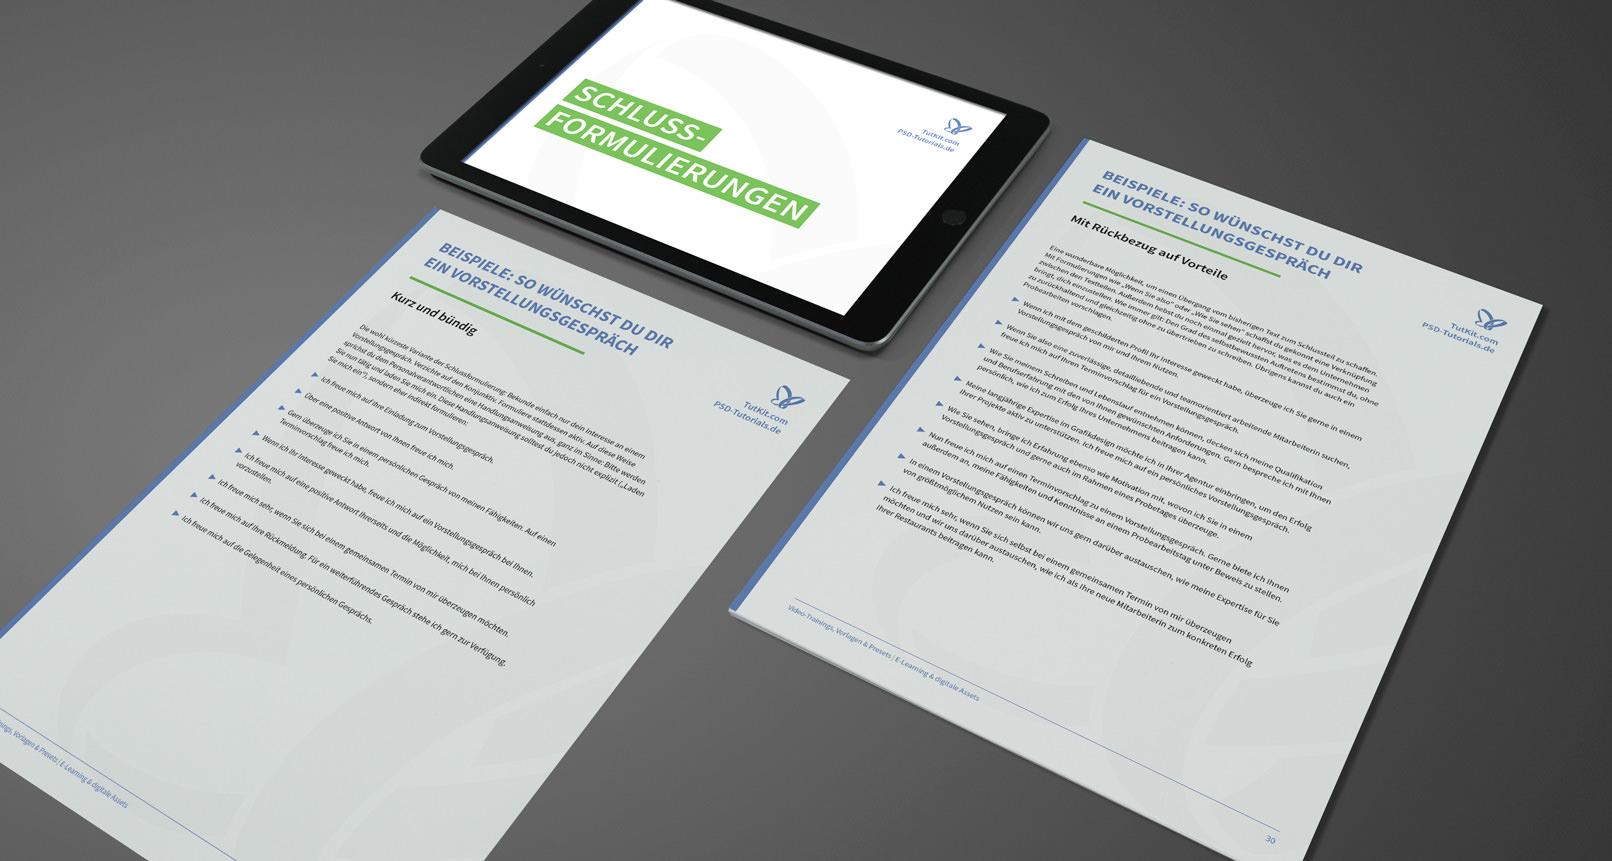 Auszug aus dem E-Book: So verfasst du dein Bewerbungsschreiben. Inspiration. Beispiele. Tipps.